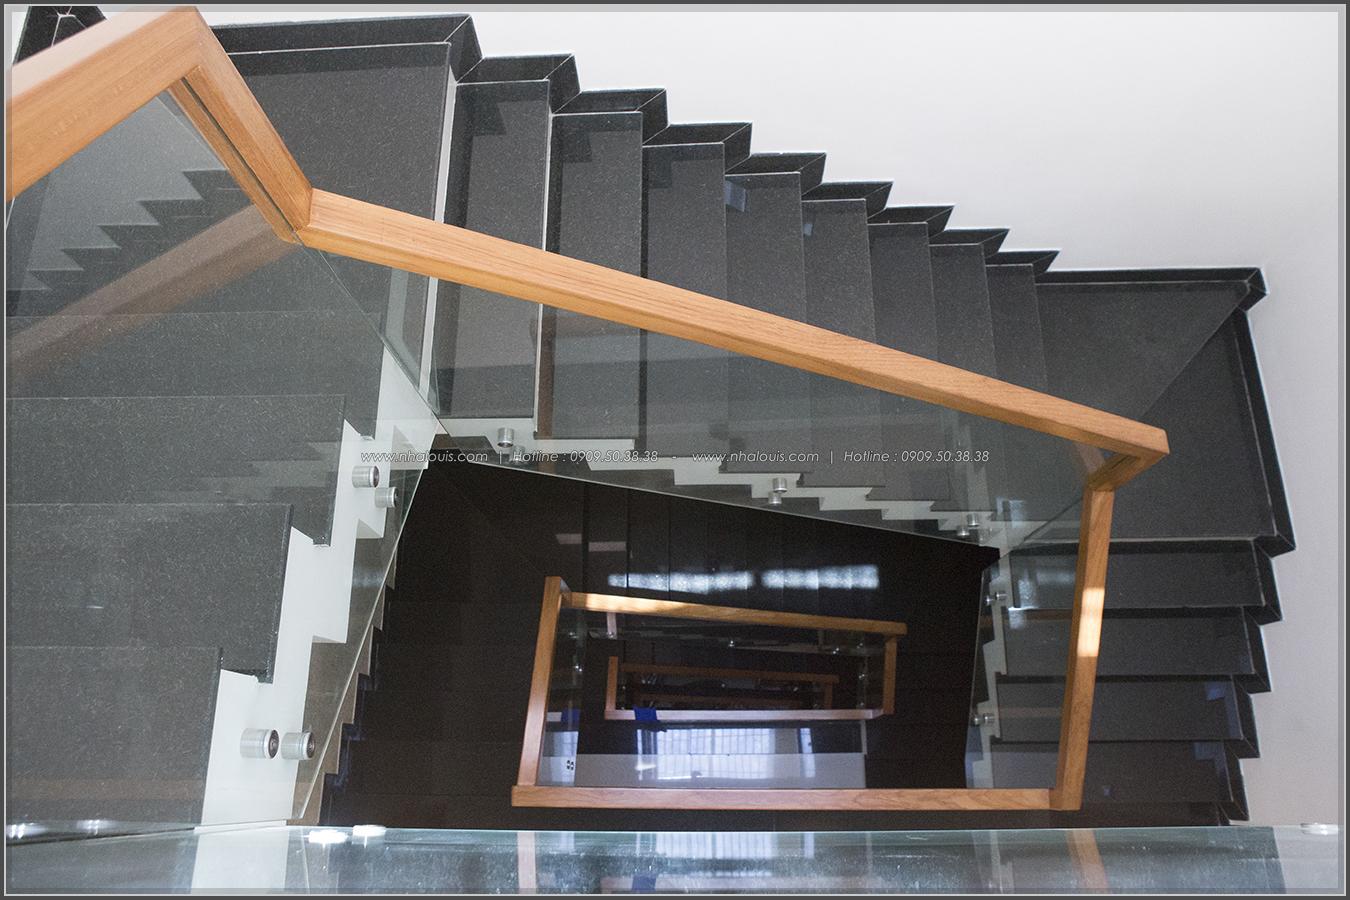 Thi công nhà đẹp 3 tầng mặt tiền 5m kết hợp kinh doanh tại quận 8 - 37